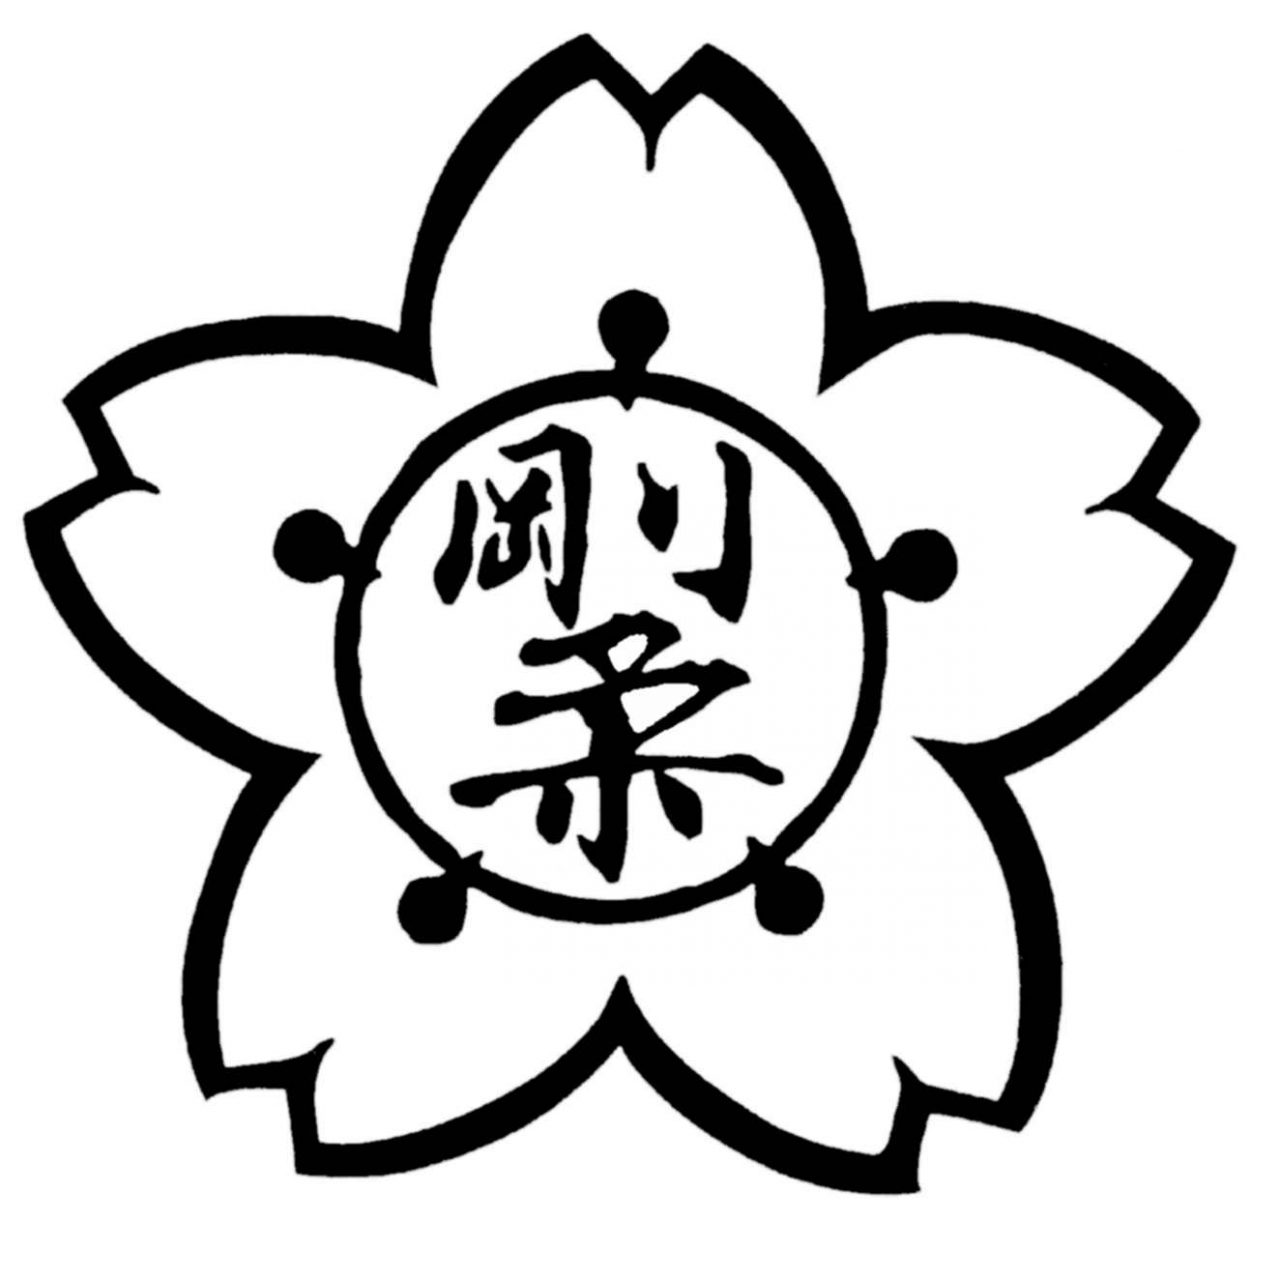 https://karate-slovakia.sk/wp-content/uploads/Logo_Shodokan-1280x1280.jpg